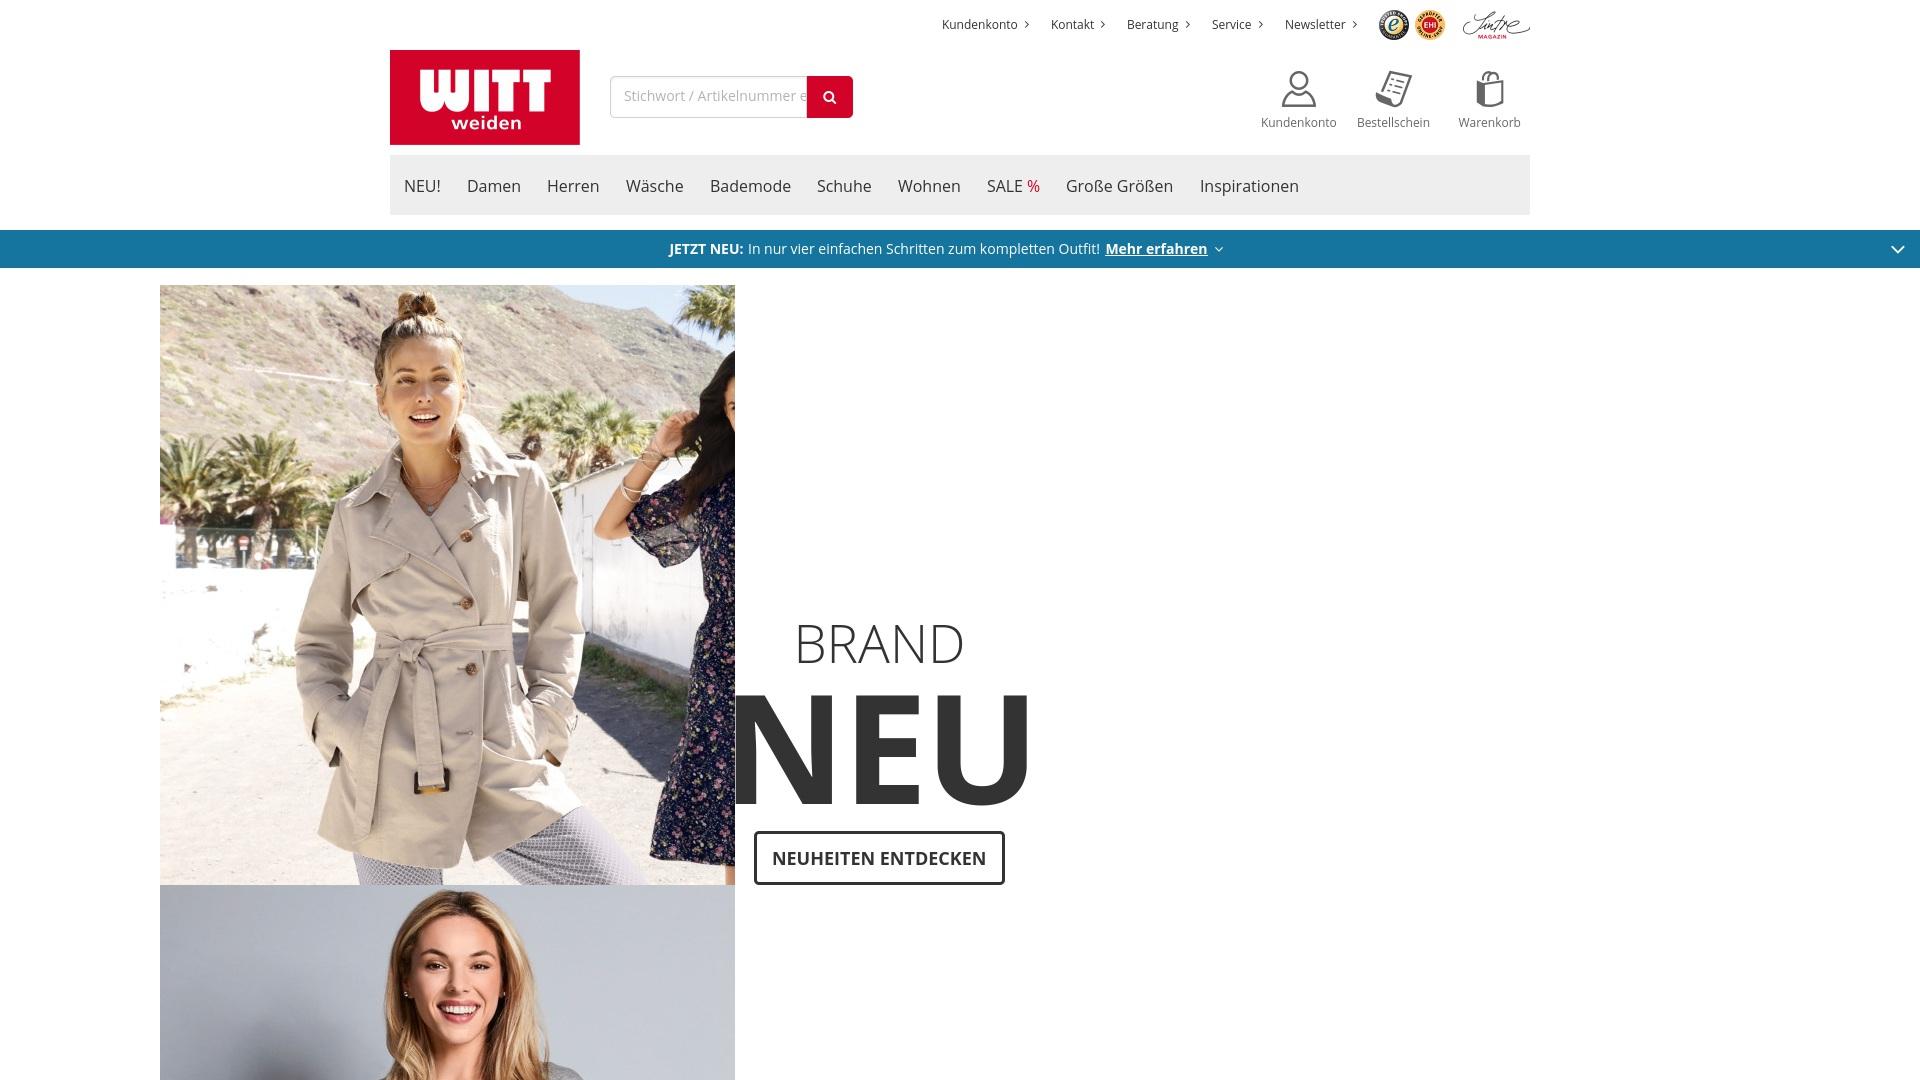 Gutschein für Witt-weiden: Rabatte für  Witt-weiden sichern